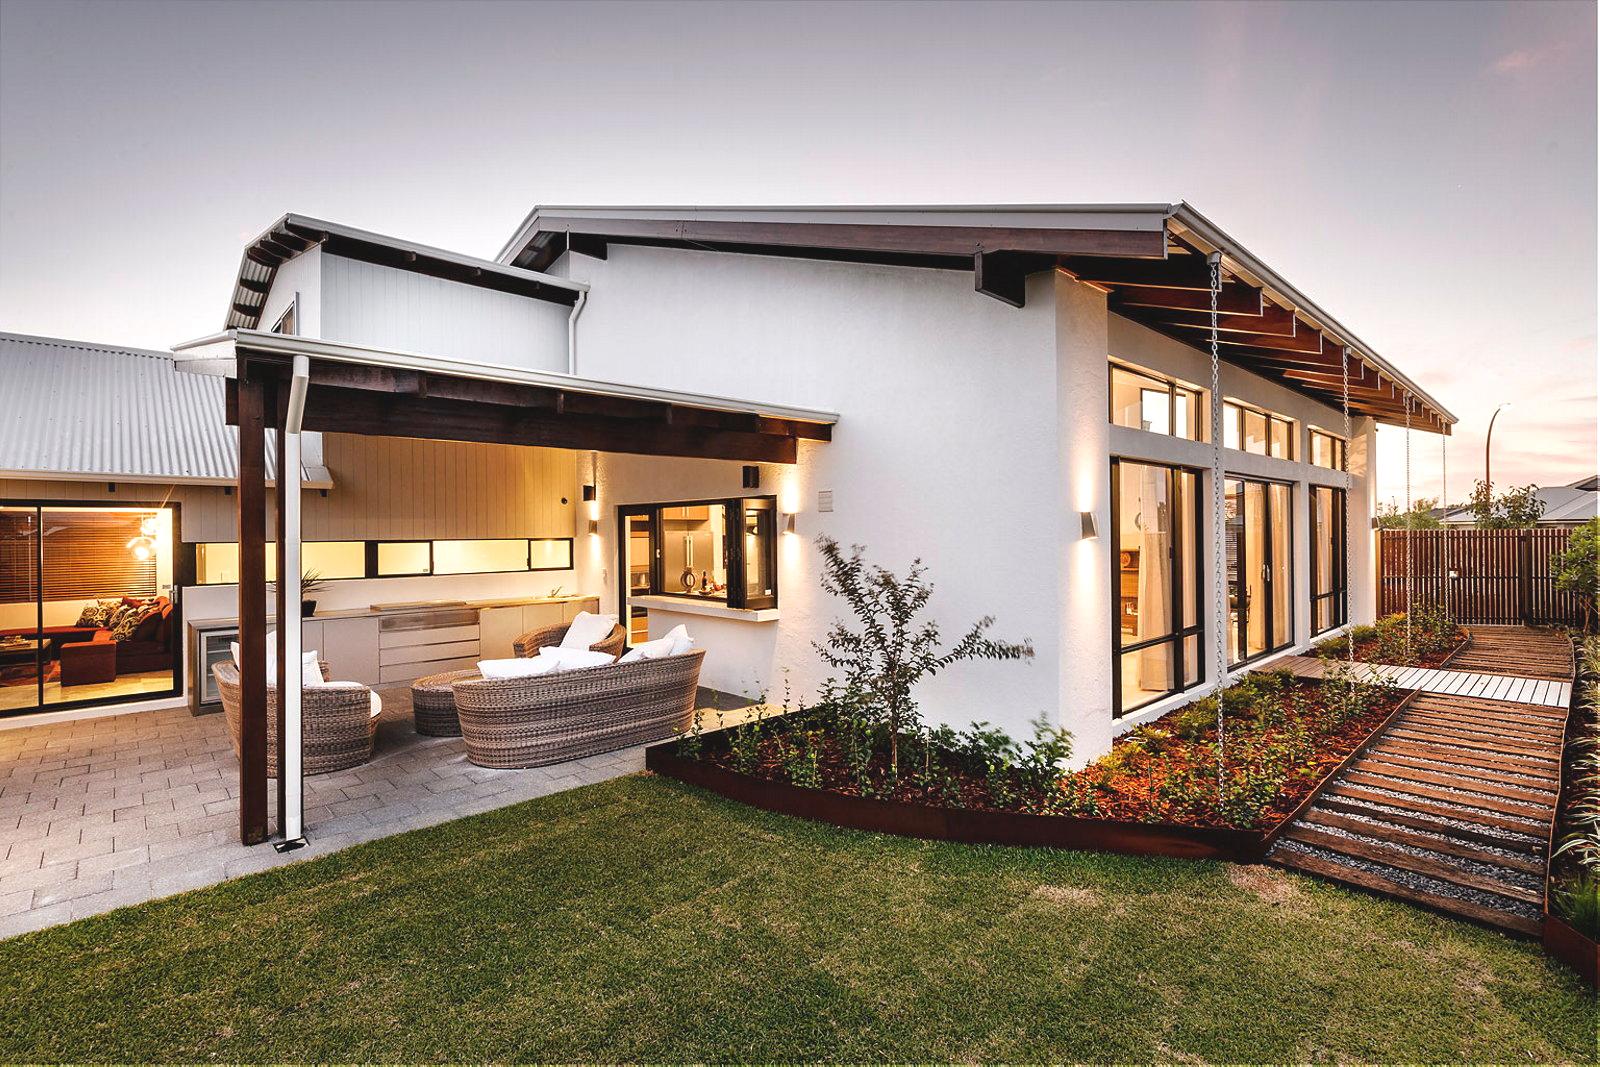 Одноэтажный дом можно сделать более оригинальным по дизайну за счет минимального количества несущих стен